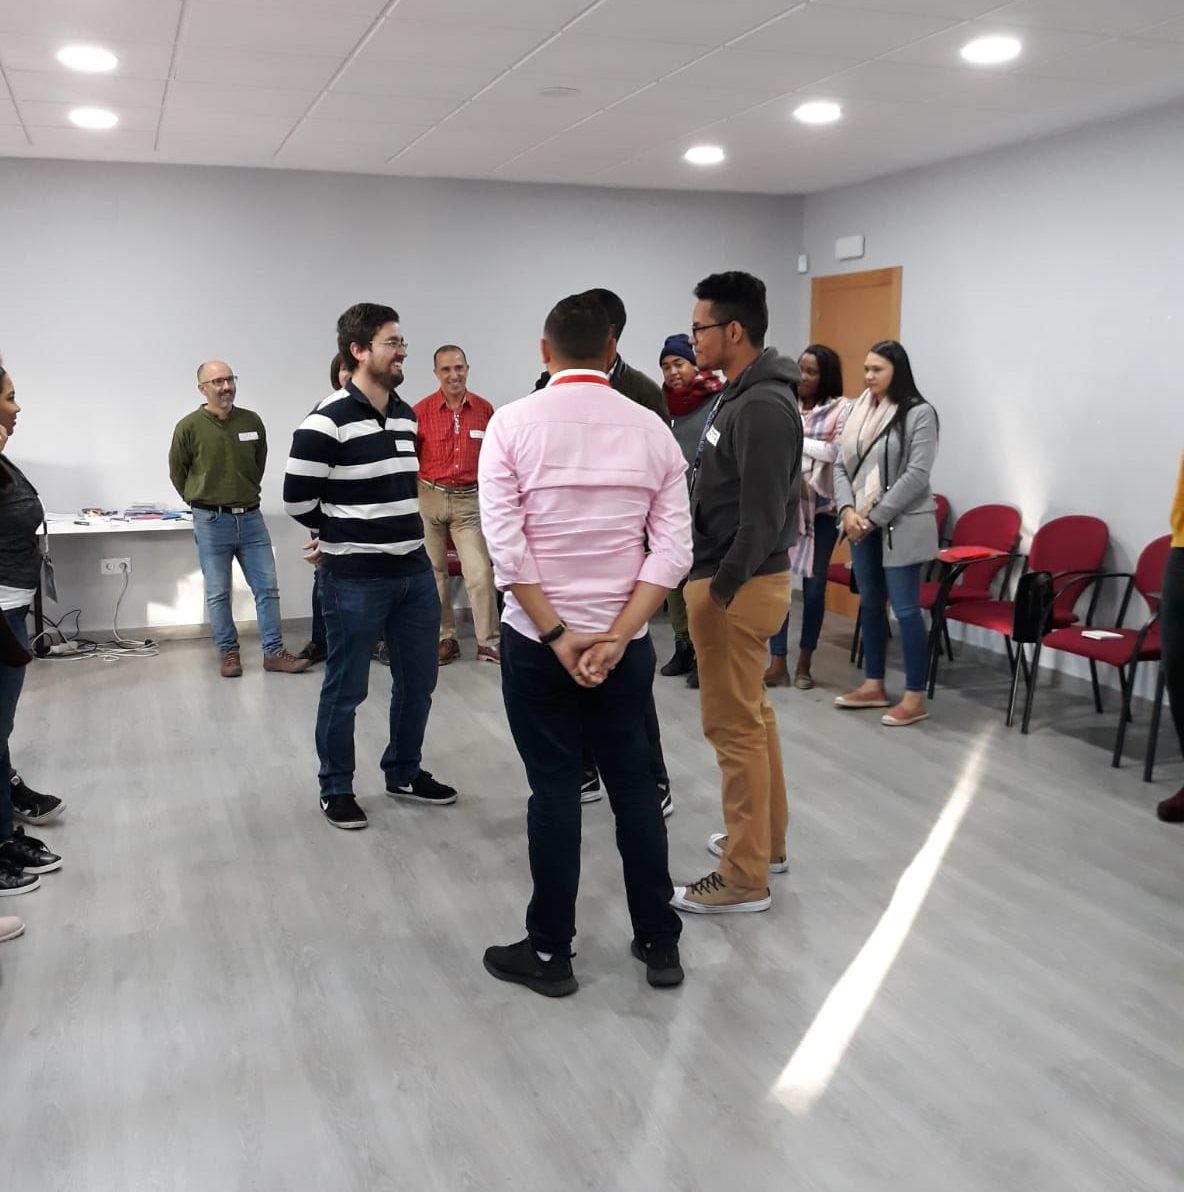 Primera dinámica de grupo facilitada por Sergio Álvarez de Neira